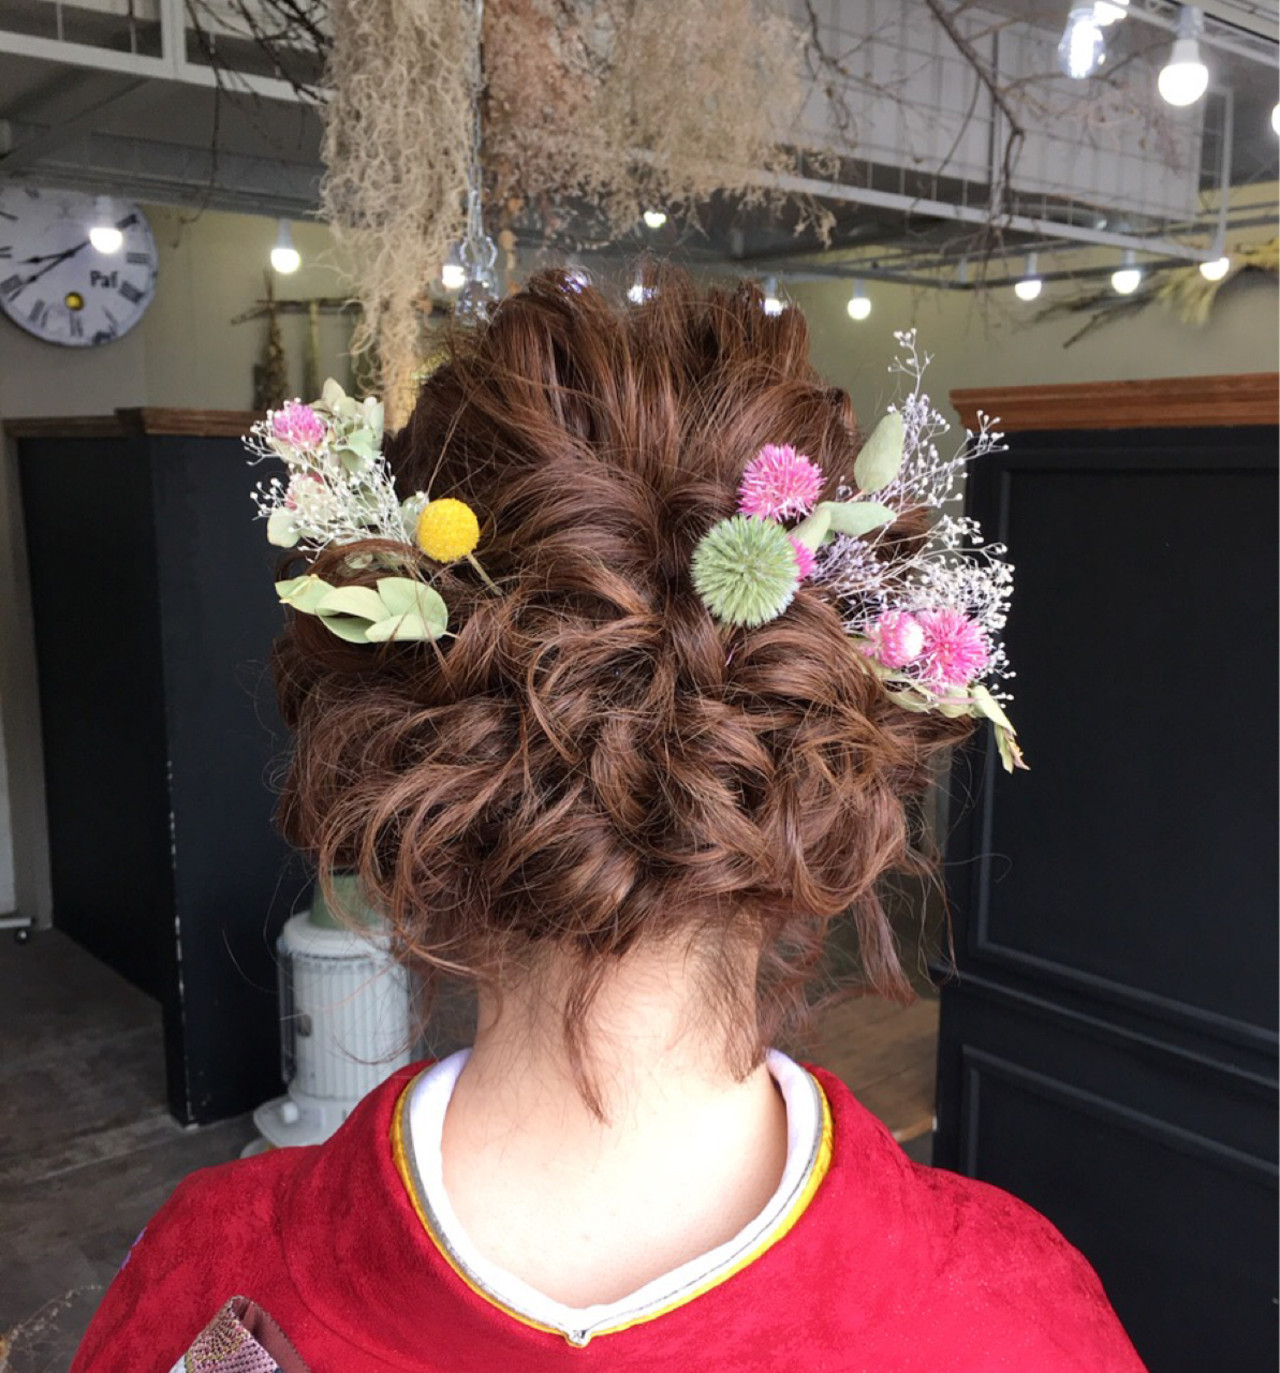 ミディアム 結婚式 ヘアアレンジ フェミニン ヘアスタイルや髪型の写真・画像